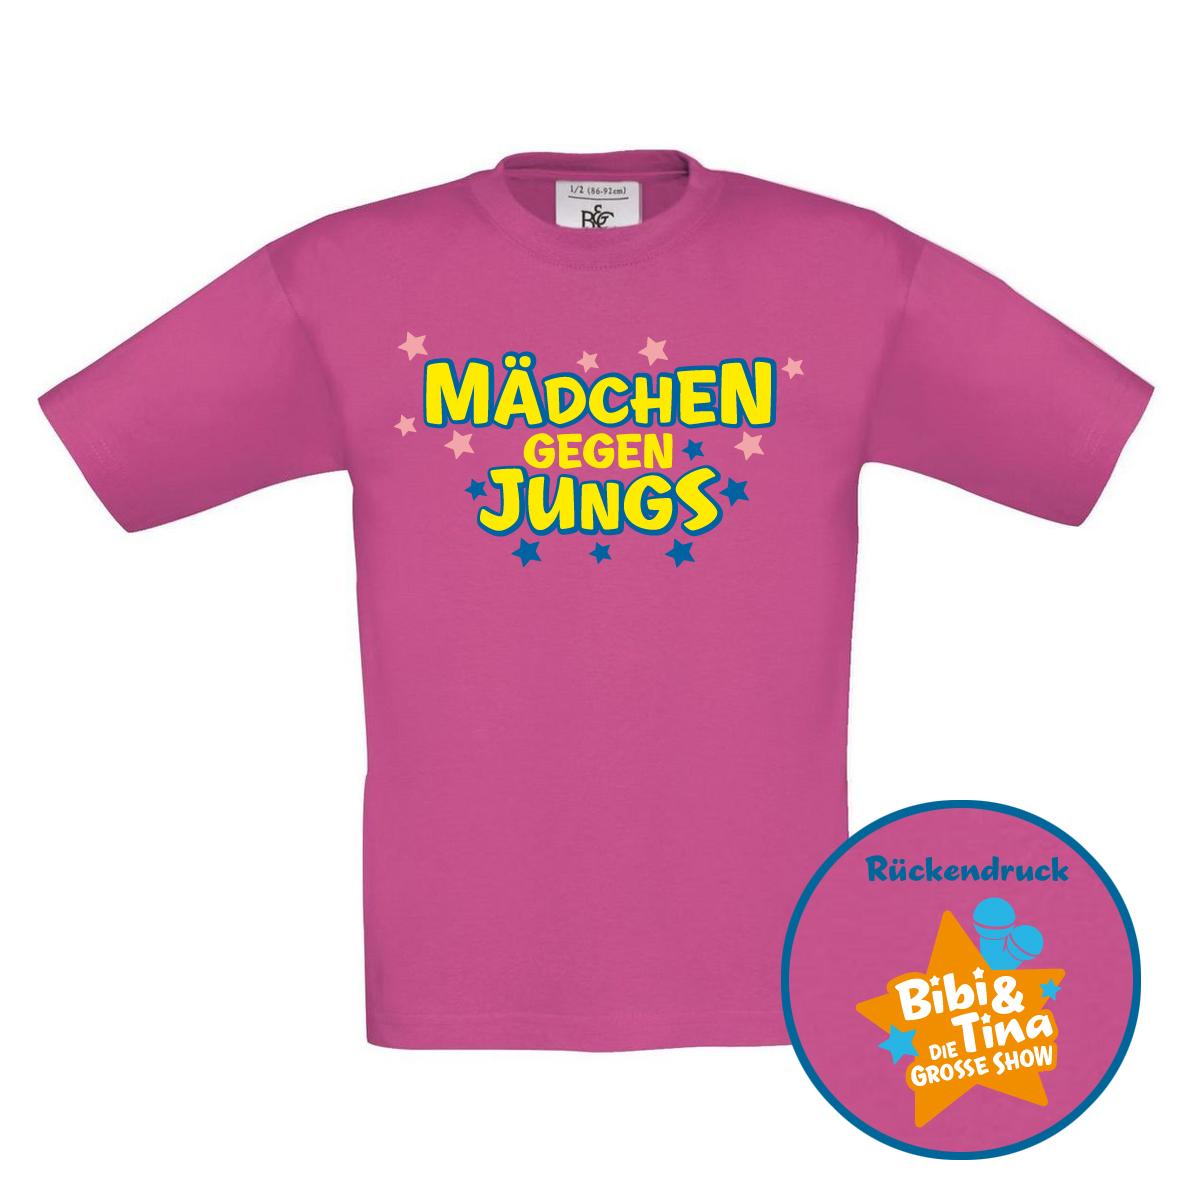 Bibi&Tina Mädchen gegen Jungs Kids Shirt Kids pink